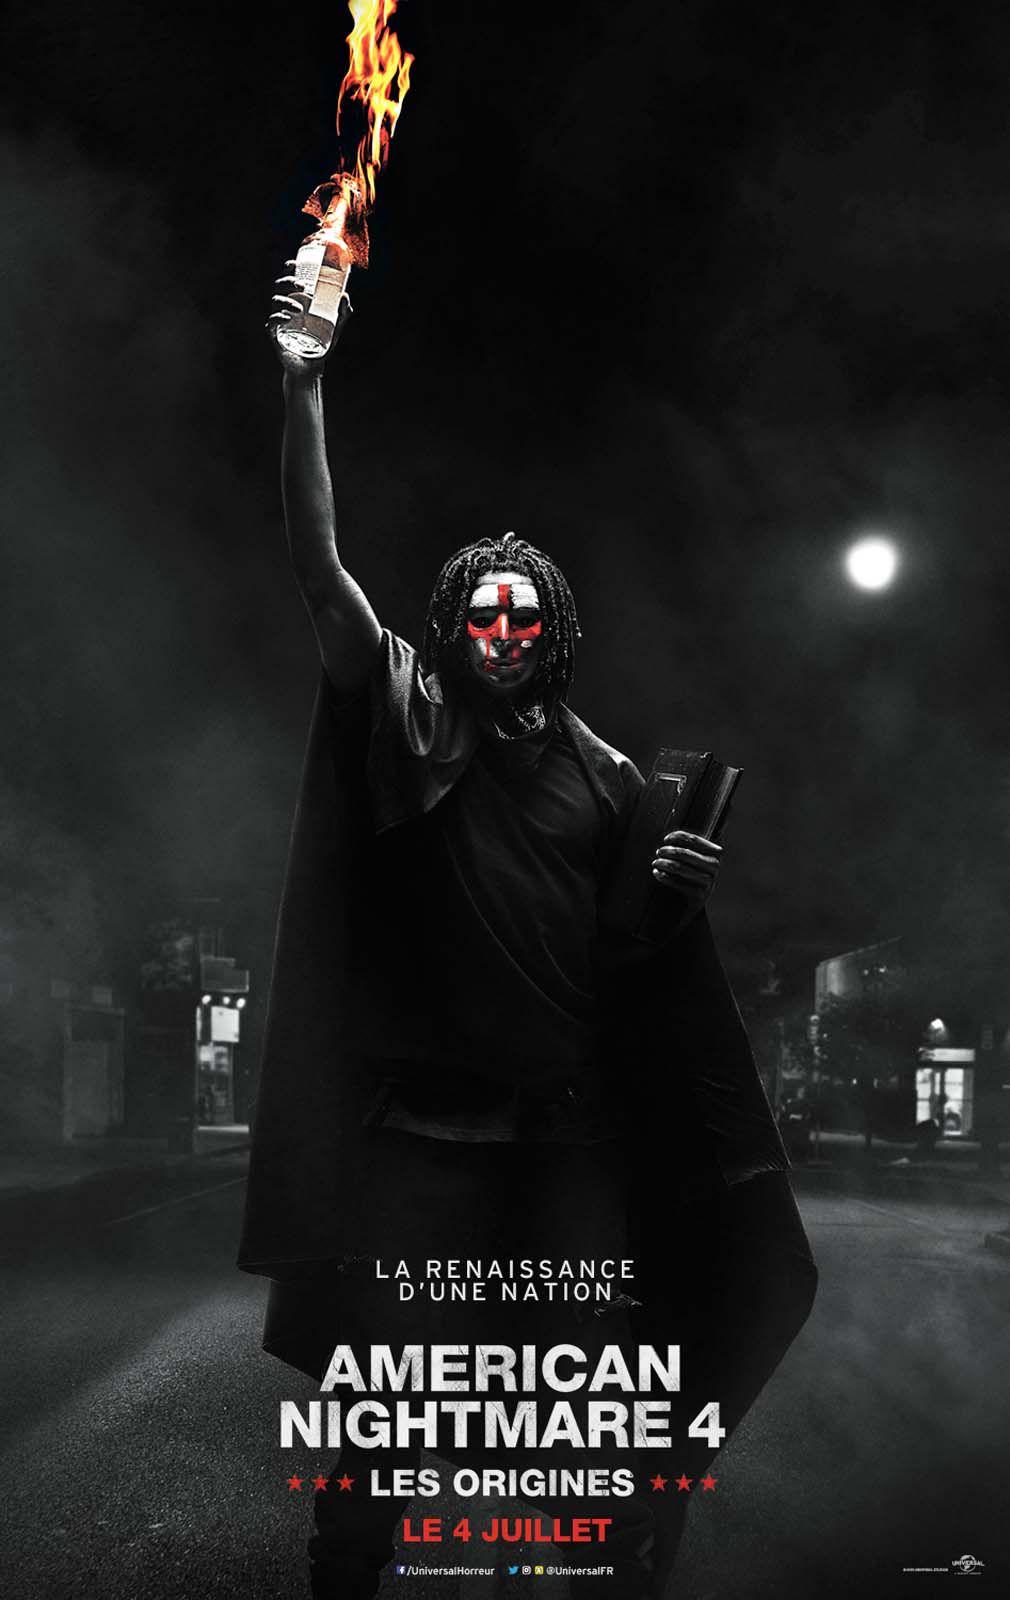 American Nightmare 4 : Les Origines - Film (2018)